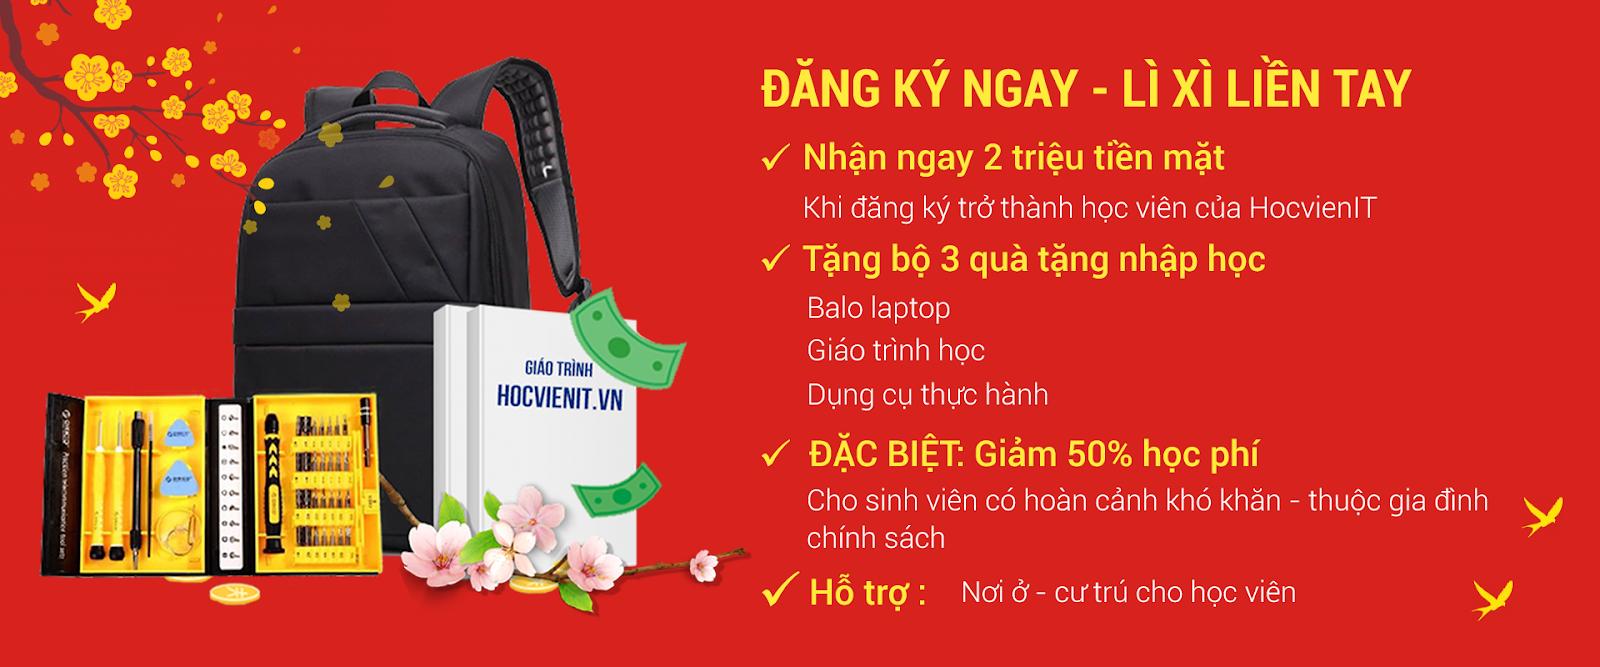 hoc-sua-may-tinh-co-ban-2